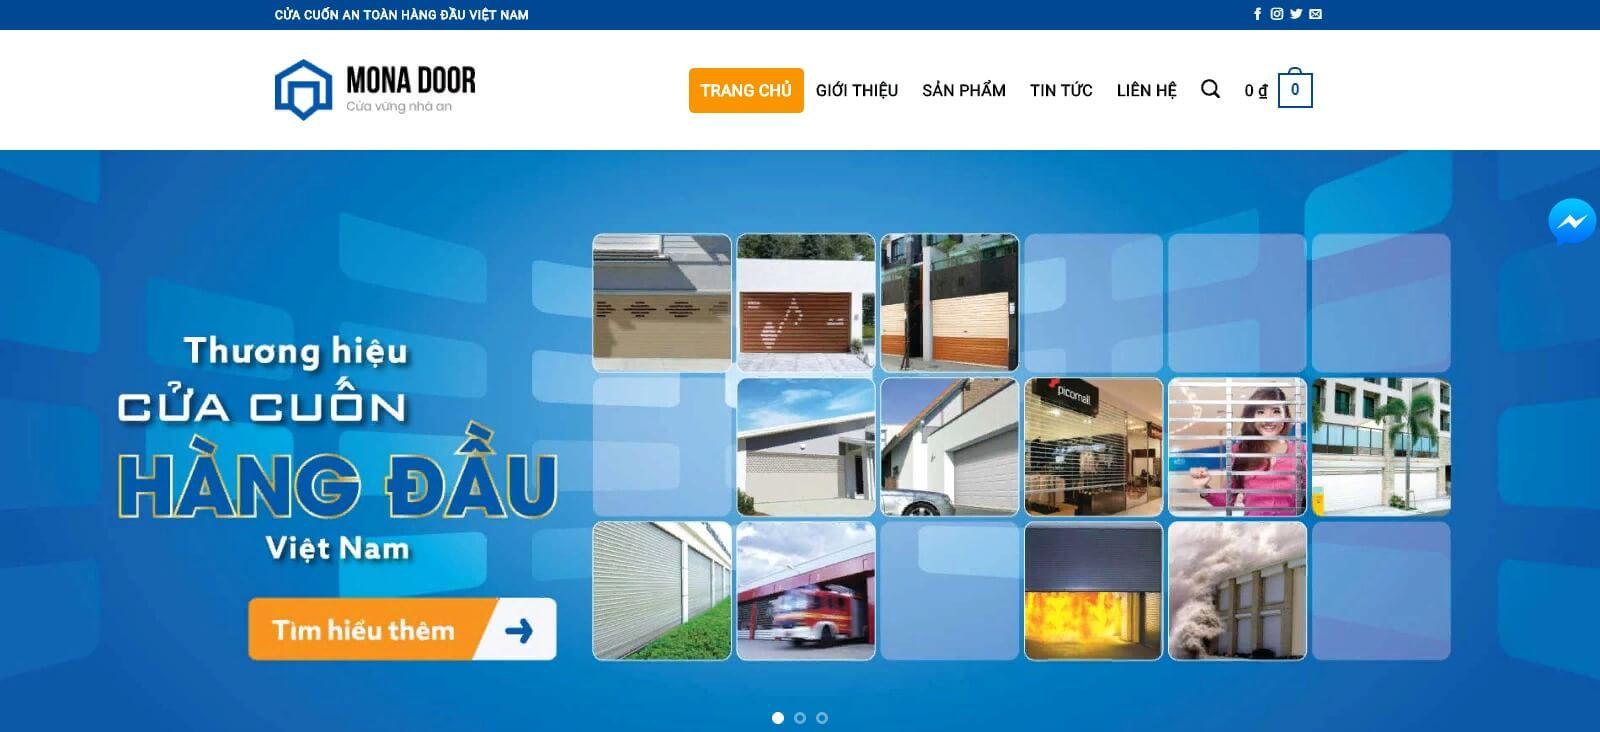 Những chức năng của mẫu web giới thiệu công ty